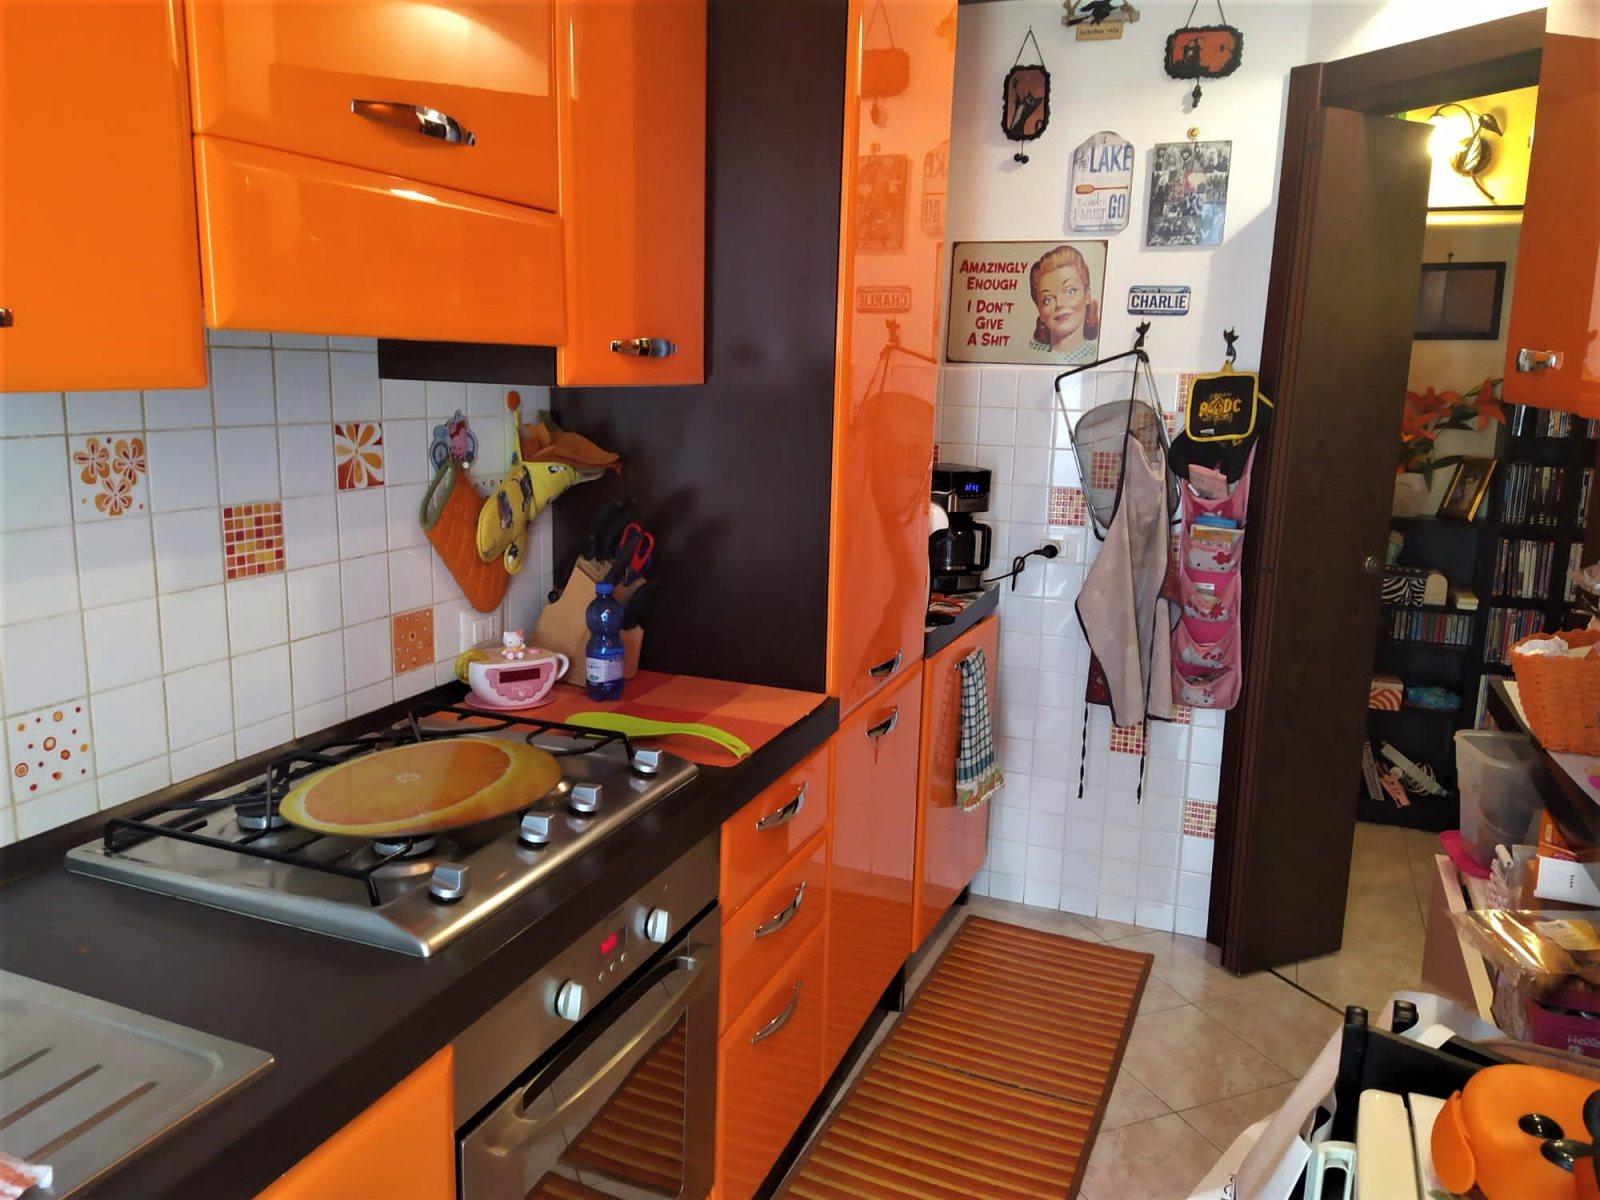 appartamento-bilocale-in-vendita-a-corsico-spaziourbano-immobiliare-vende-7